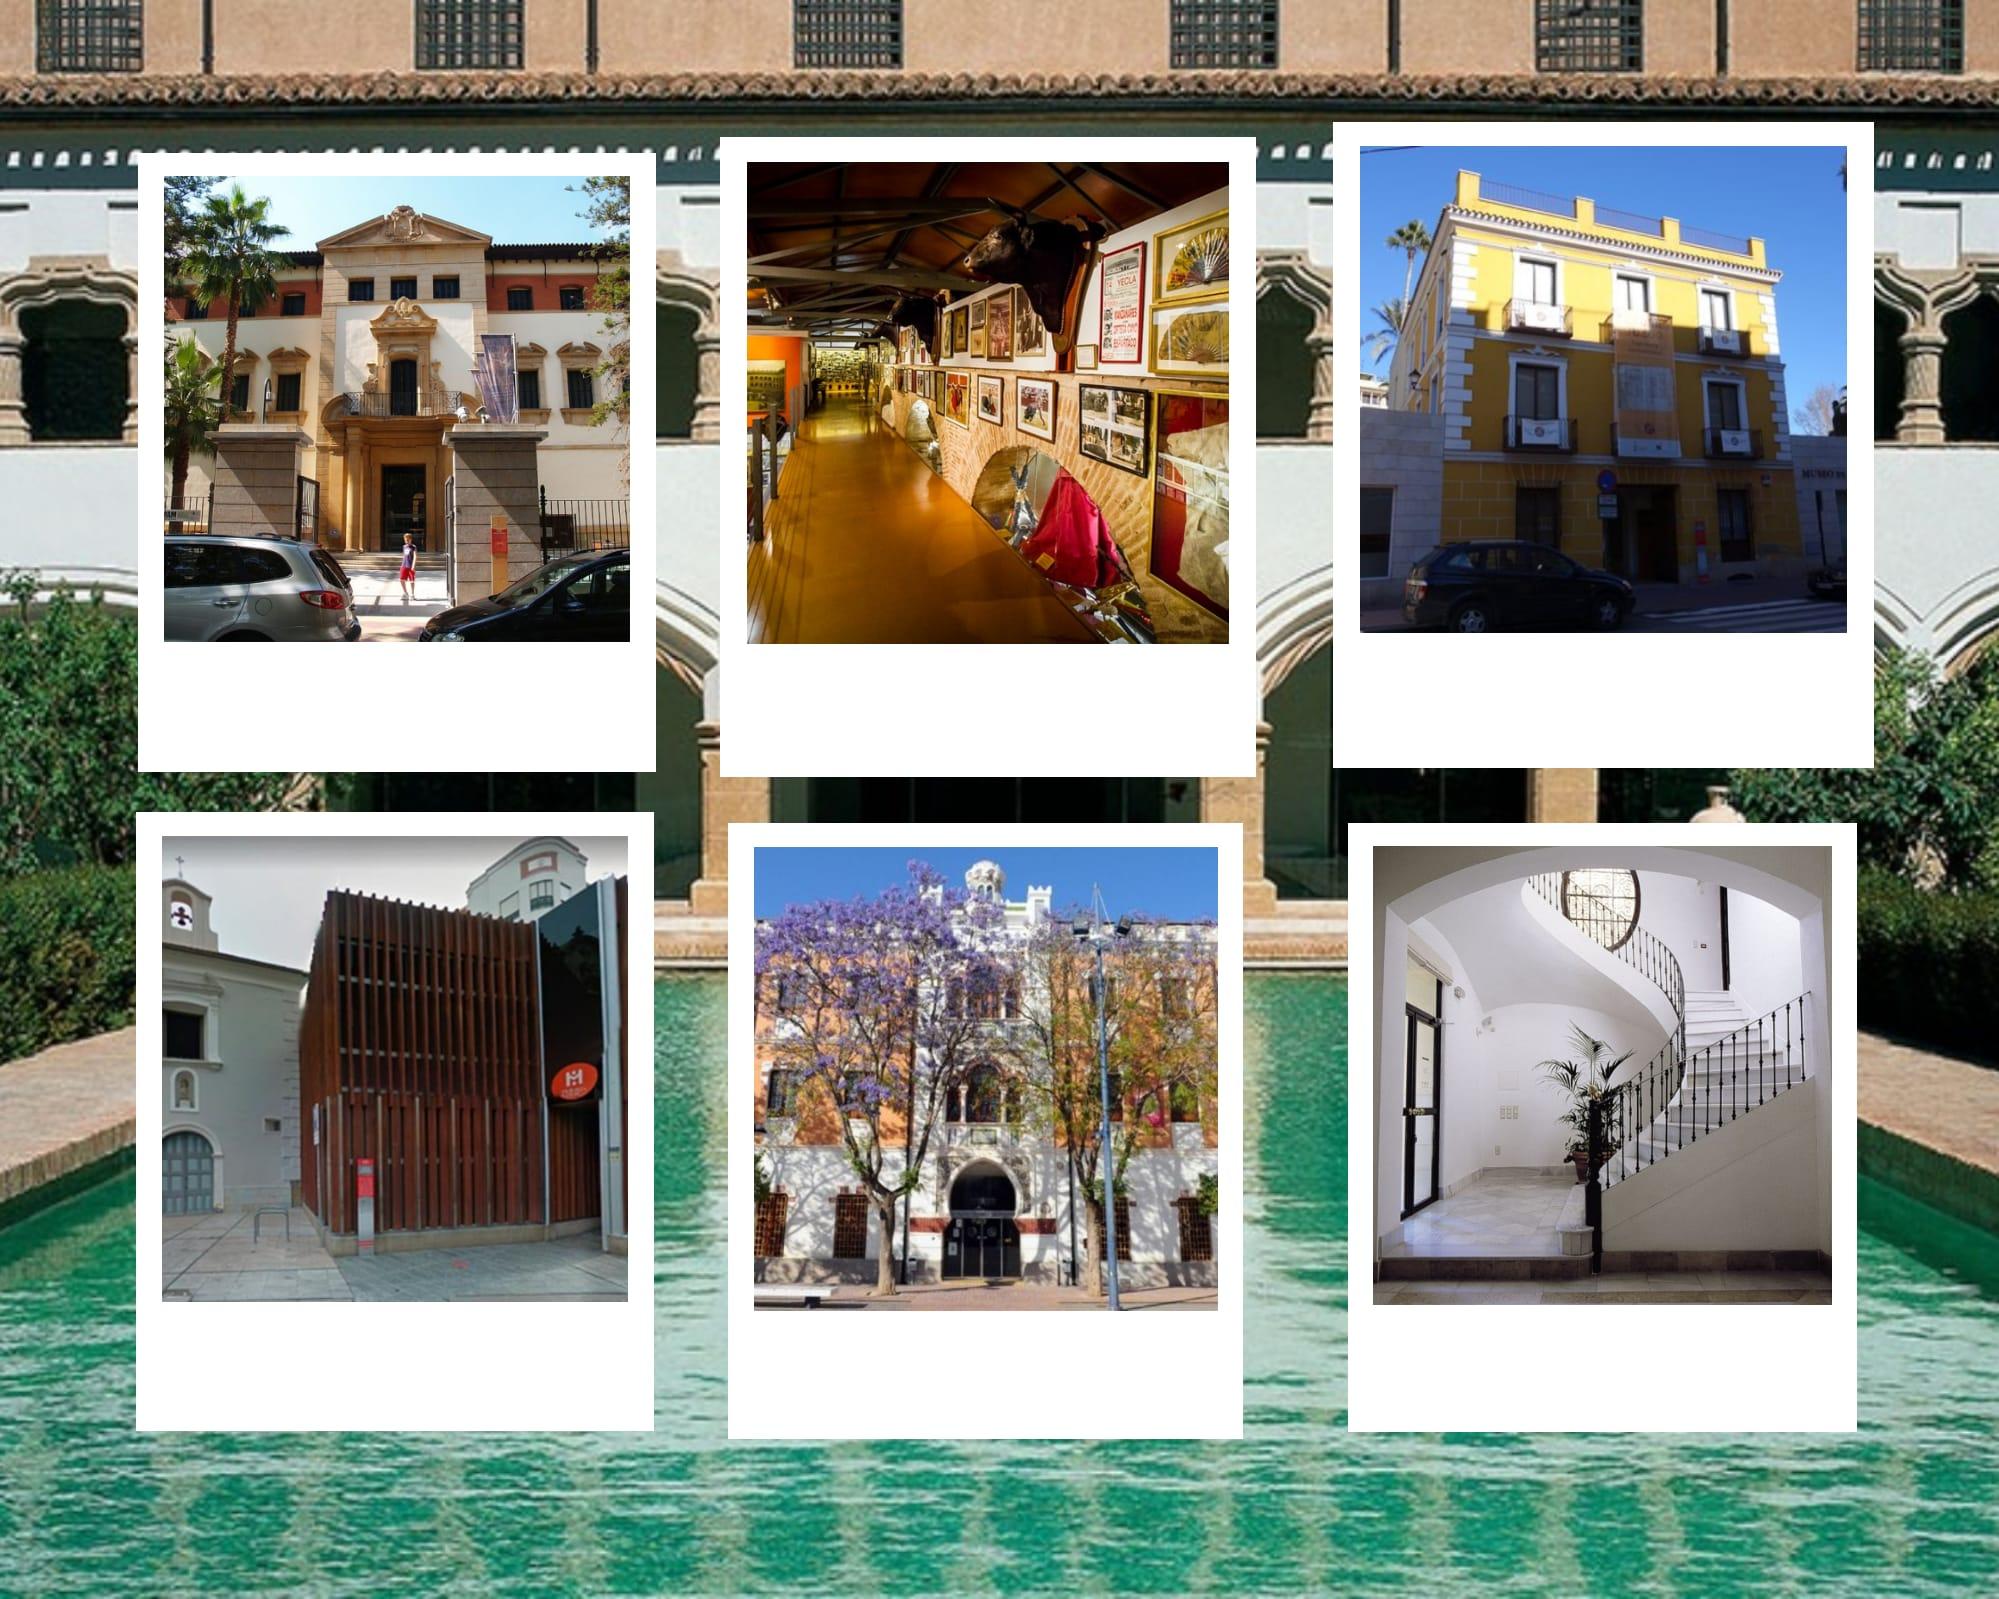 8 museos gratuitos para visitar en Murcia